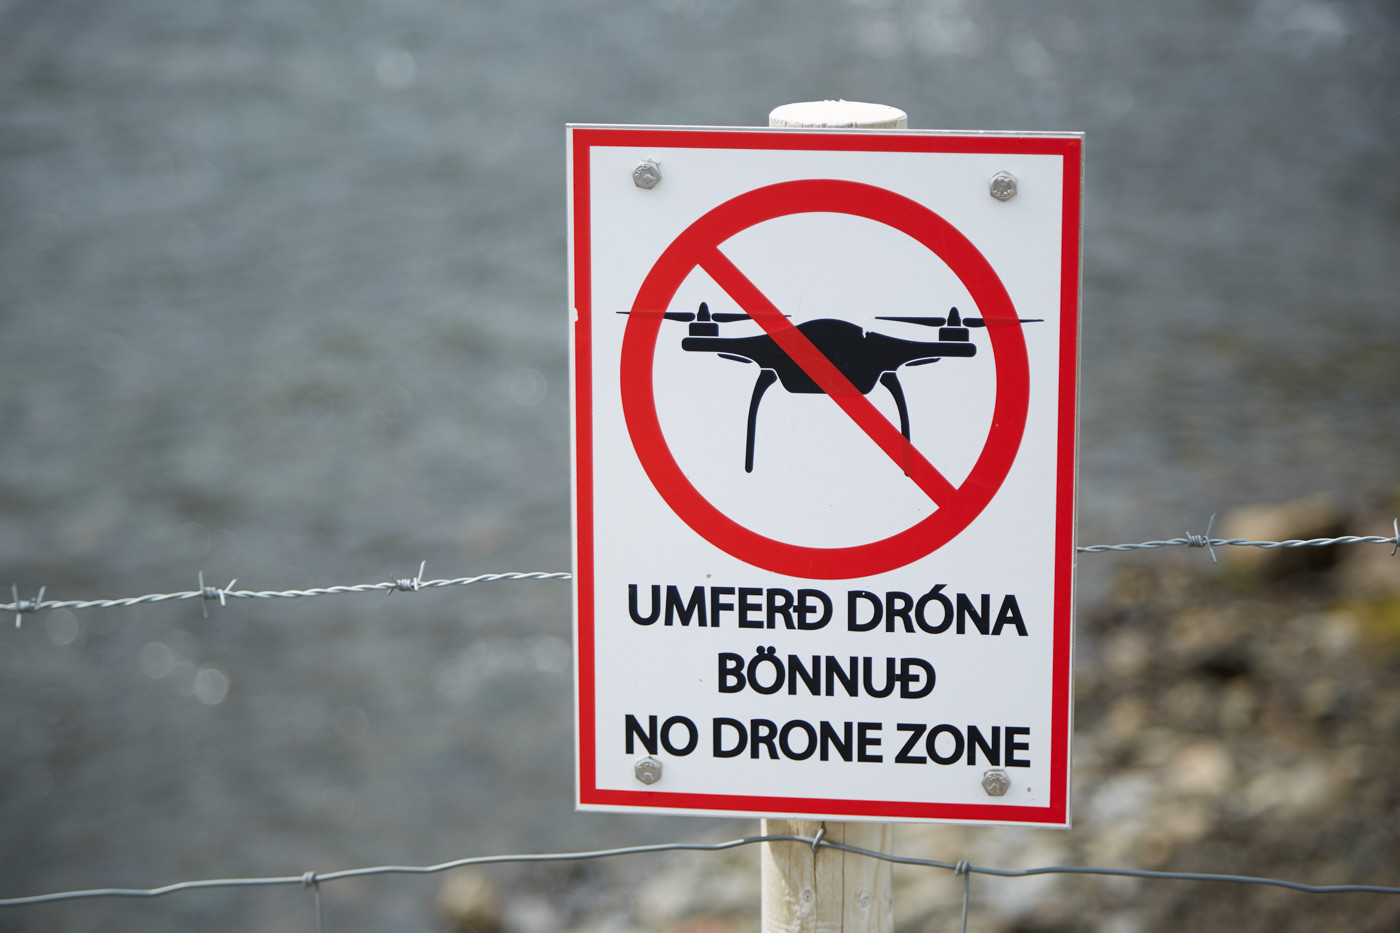 no drone zone iceland, island, no drone zone, keine drohne, drohnen verboten